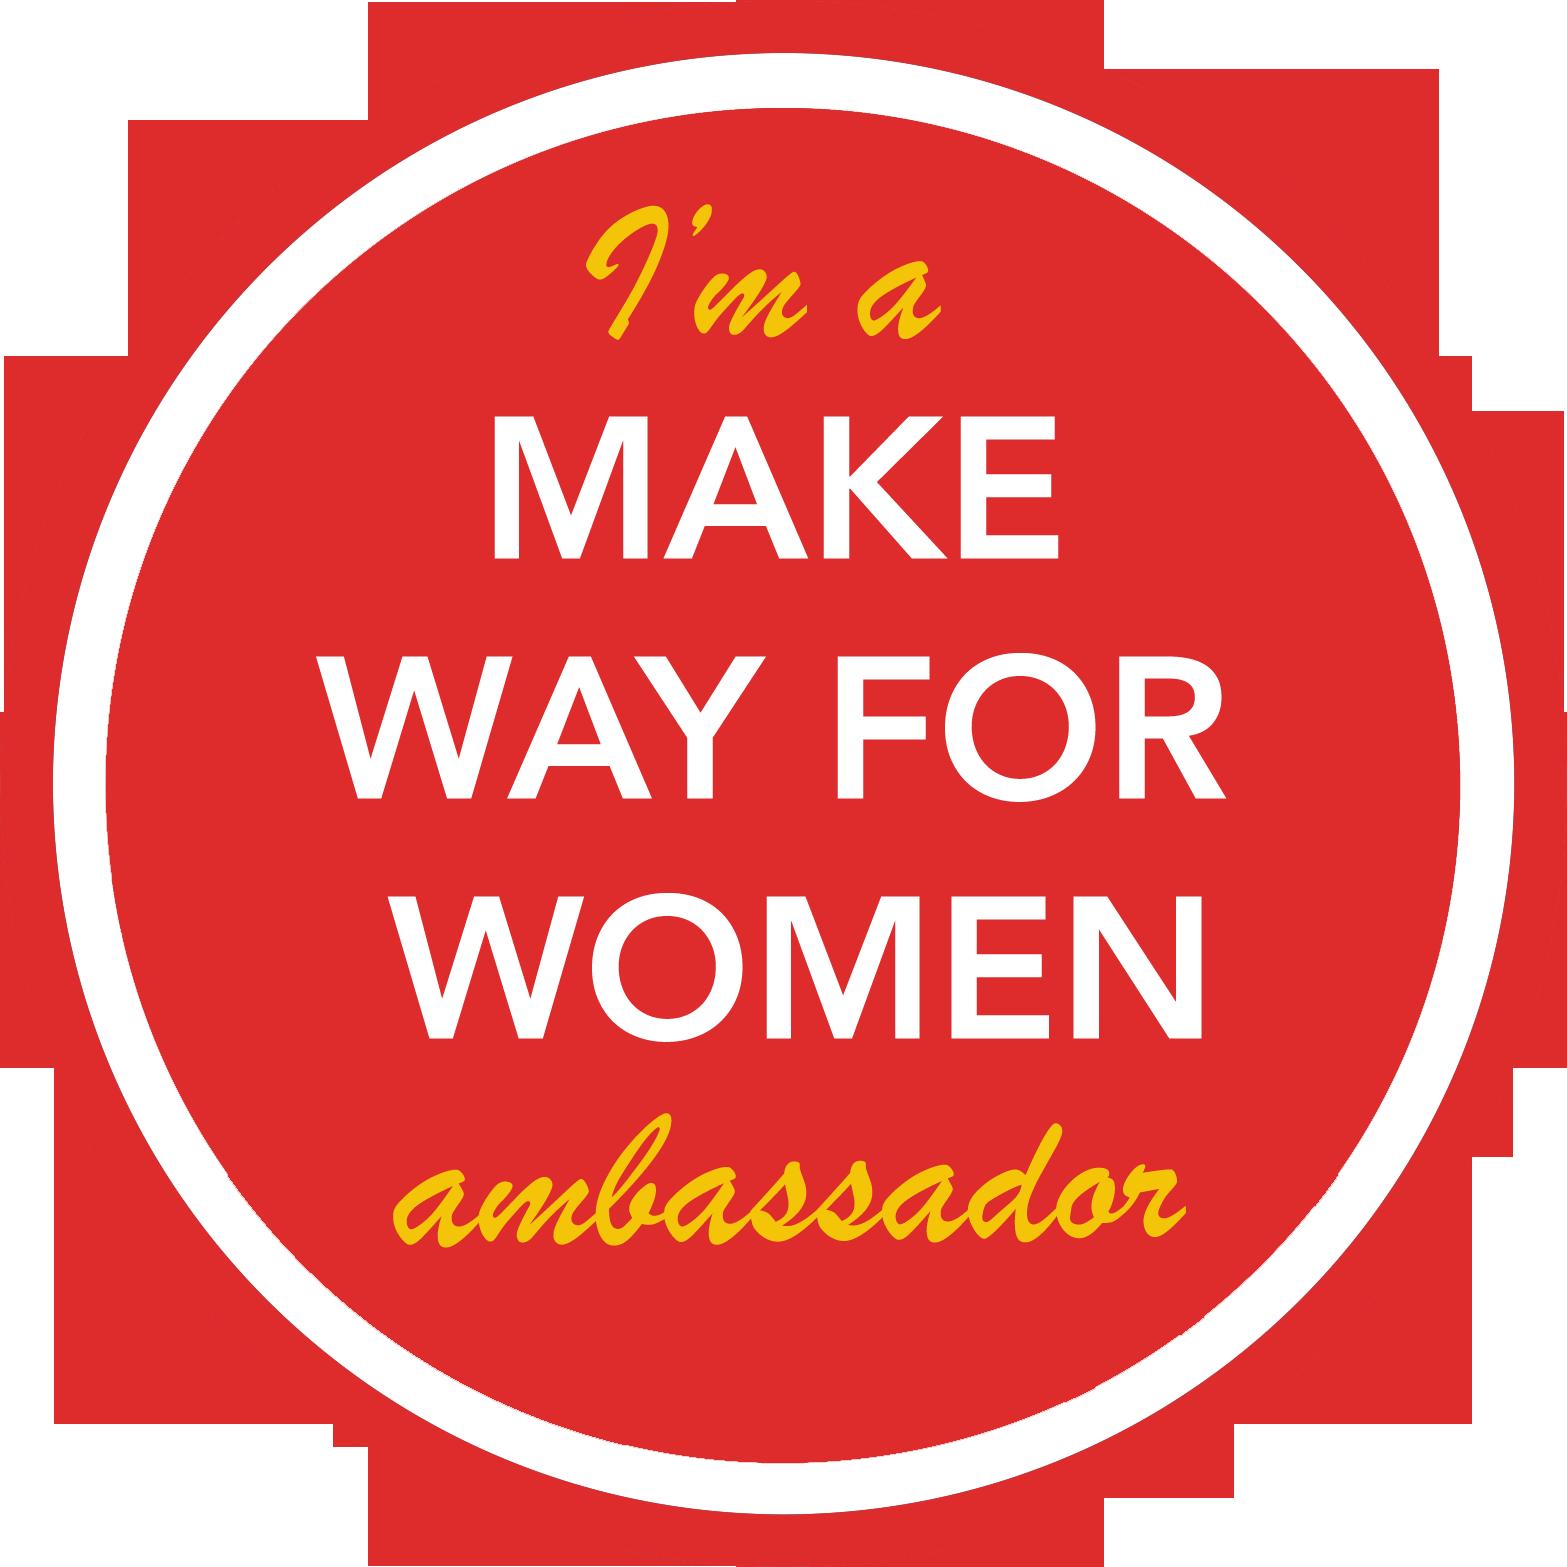 ambassador_MakeWayWomen